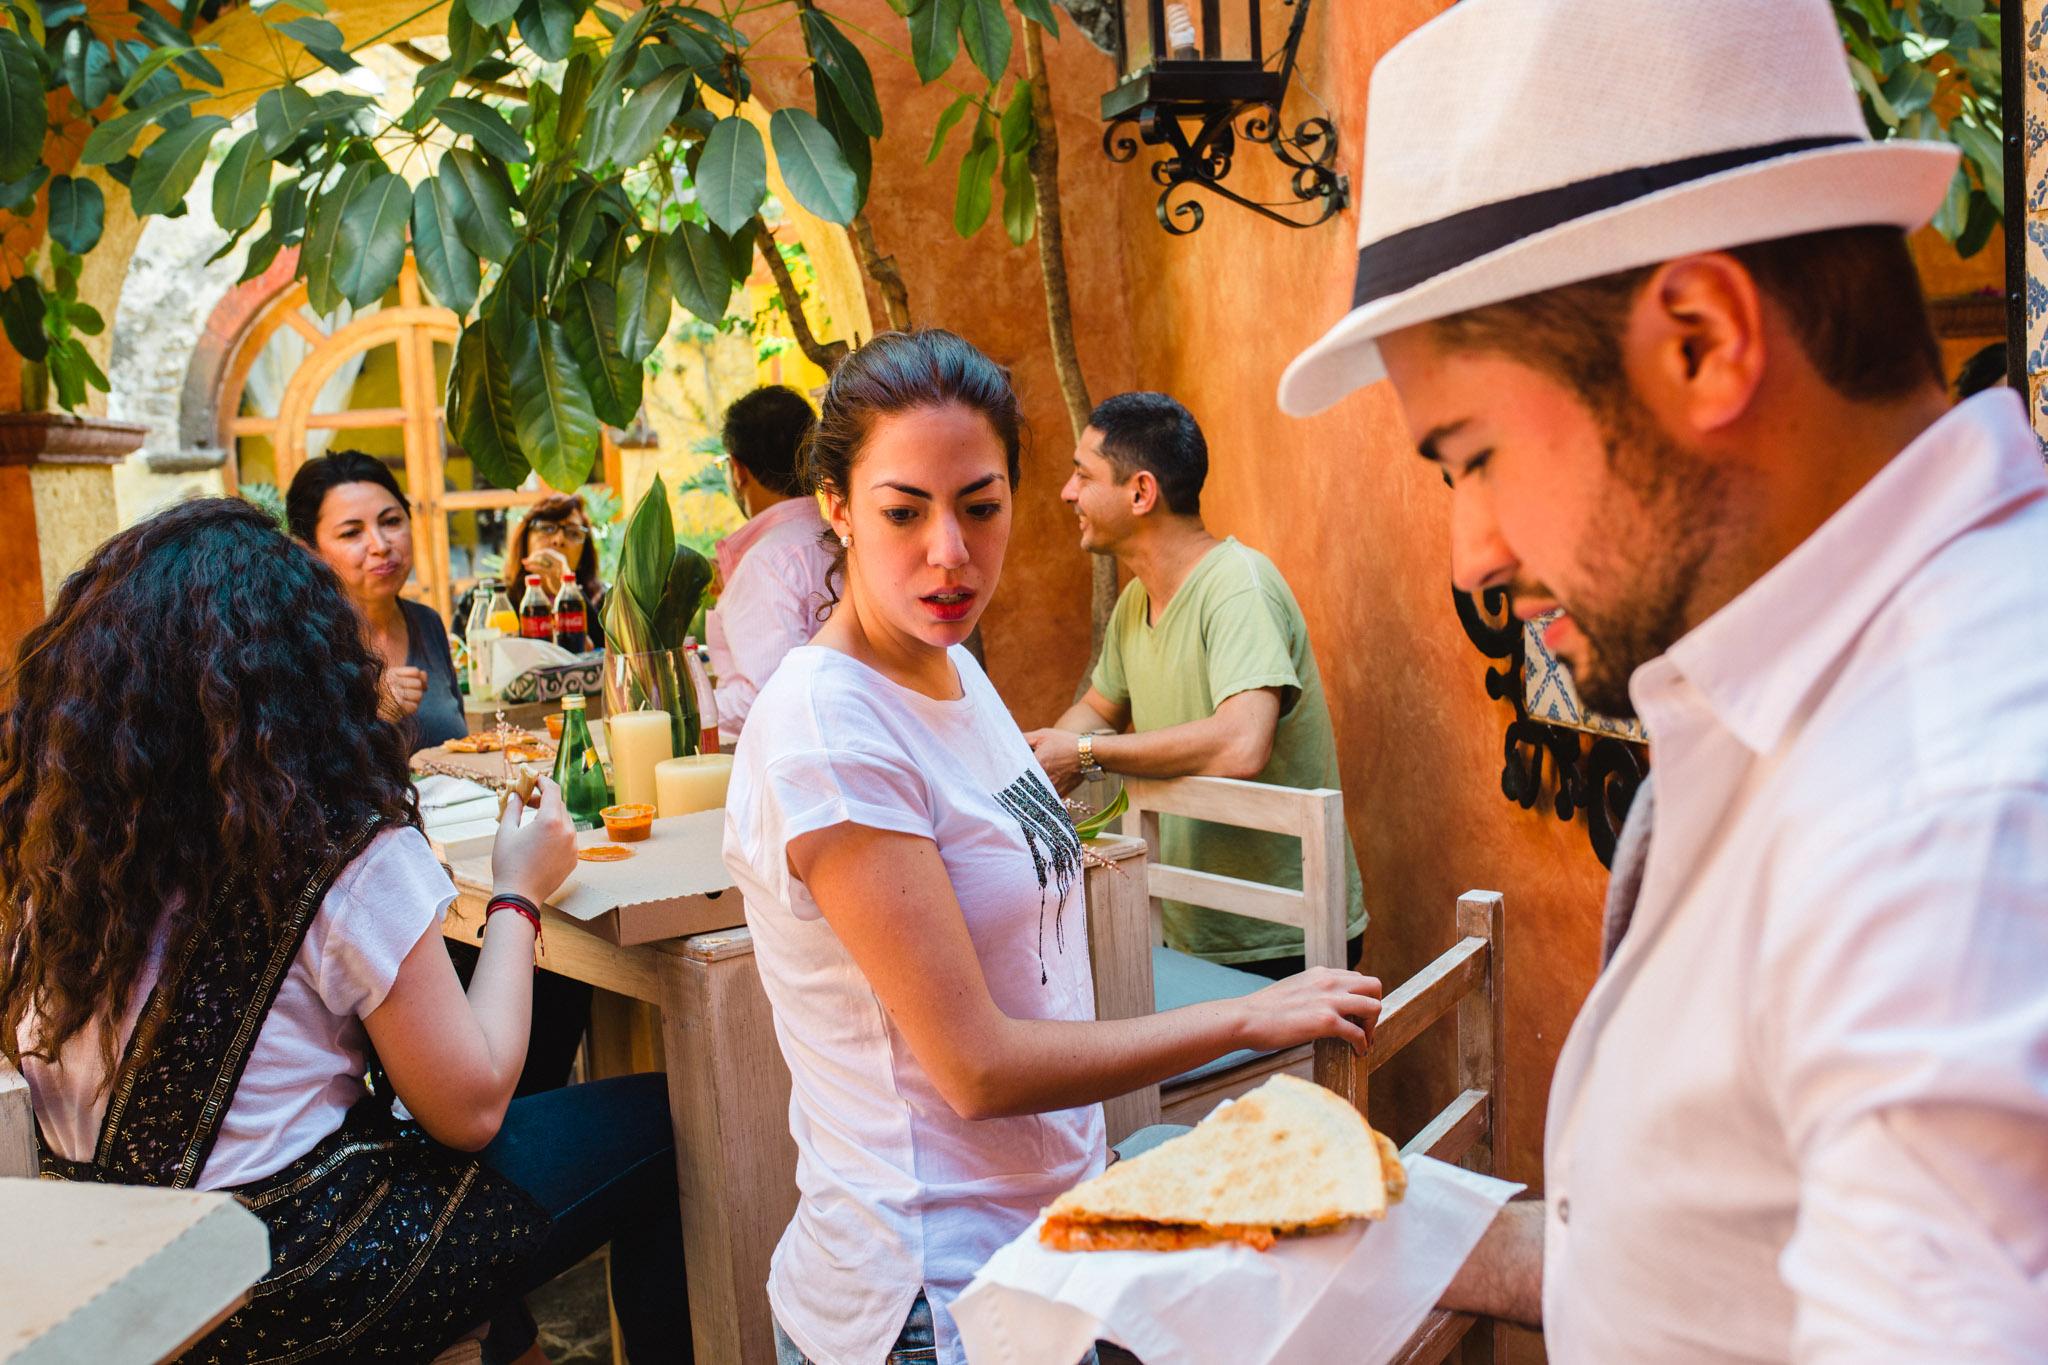 Blog-Wedding-Destination-Photography-San-Miguel-de-Allende-Jorge-Navarrete-Fotografía-Boda-Sandra-Beto-3.jpg